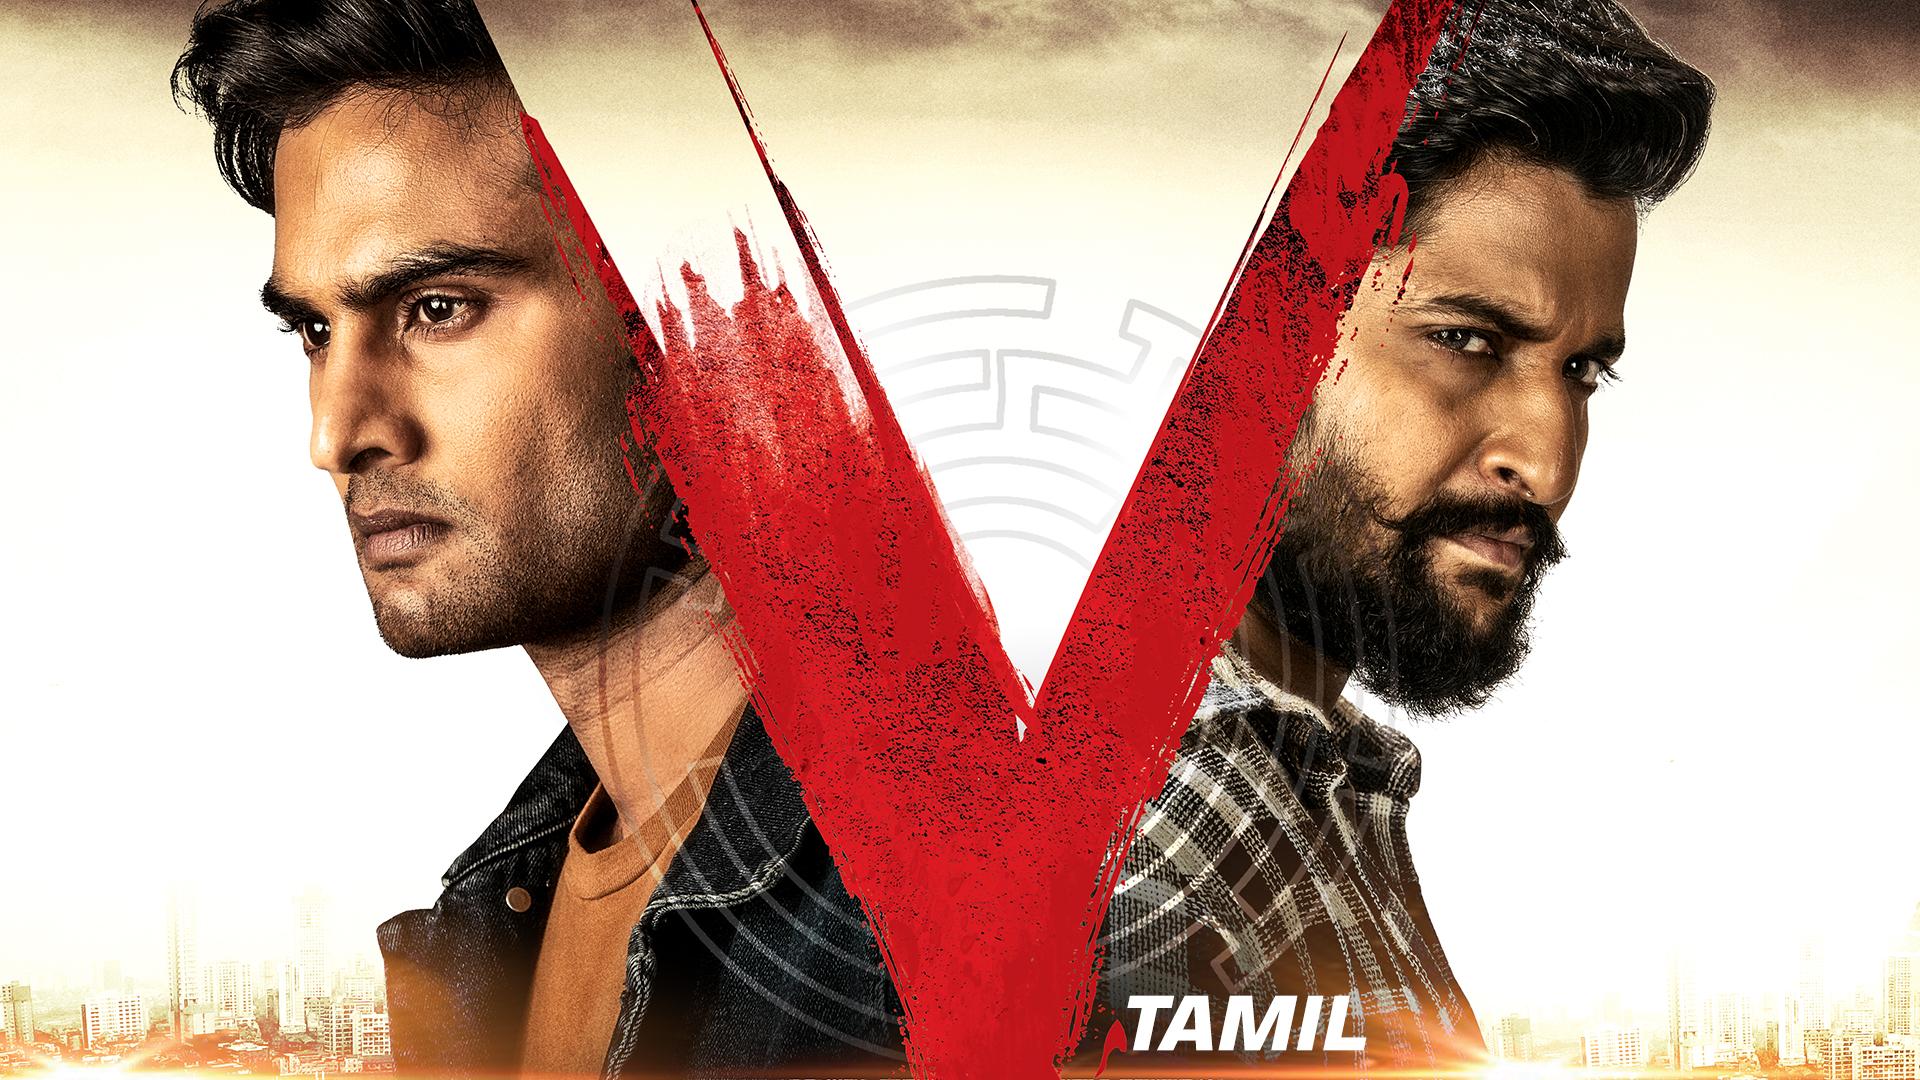 V (Tamil)